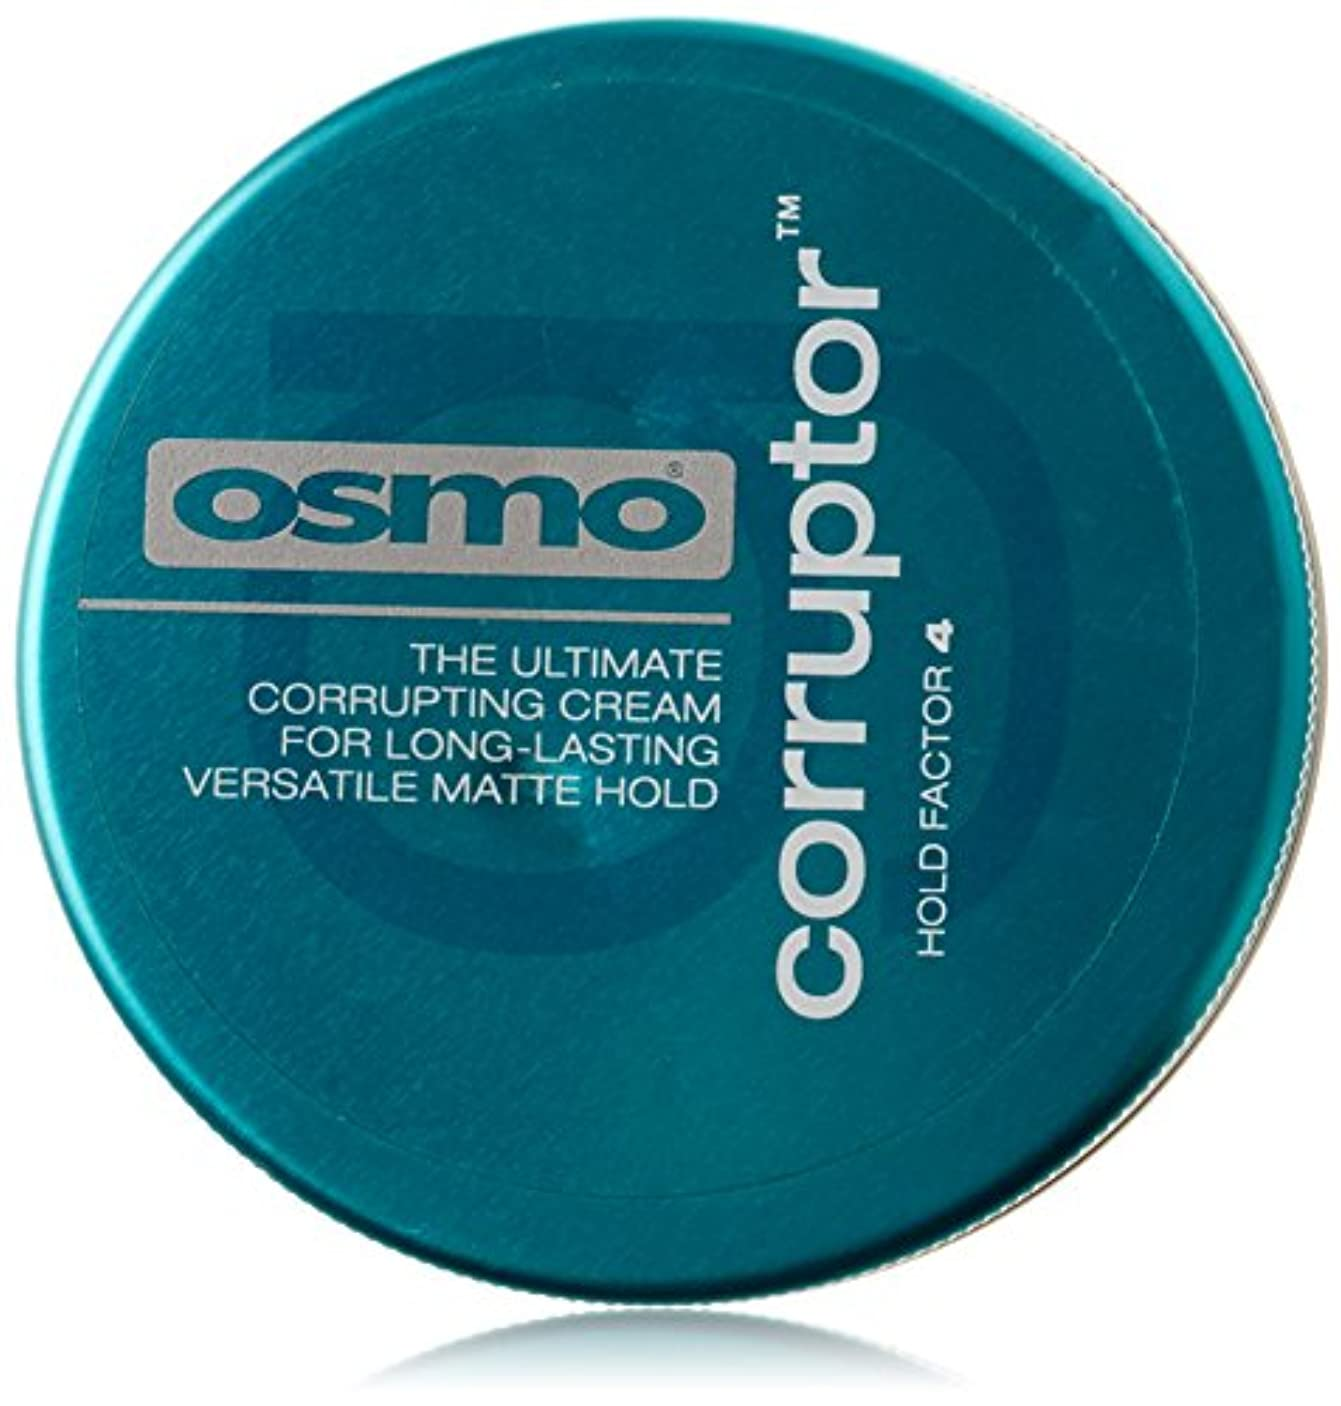 余裕がある冒険者研究所アレス OSMO ヘアワックス コラプター 100g